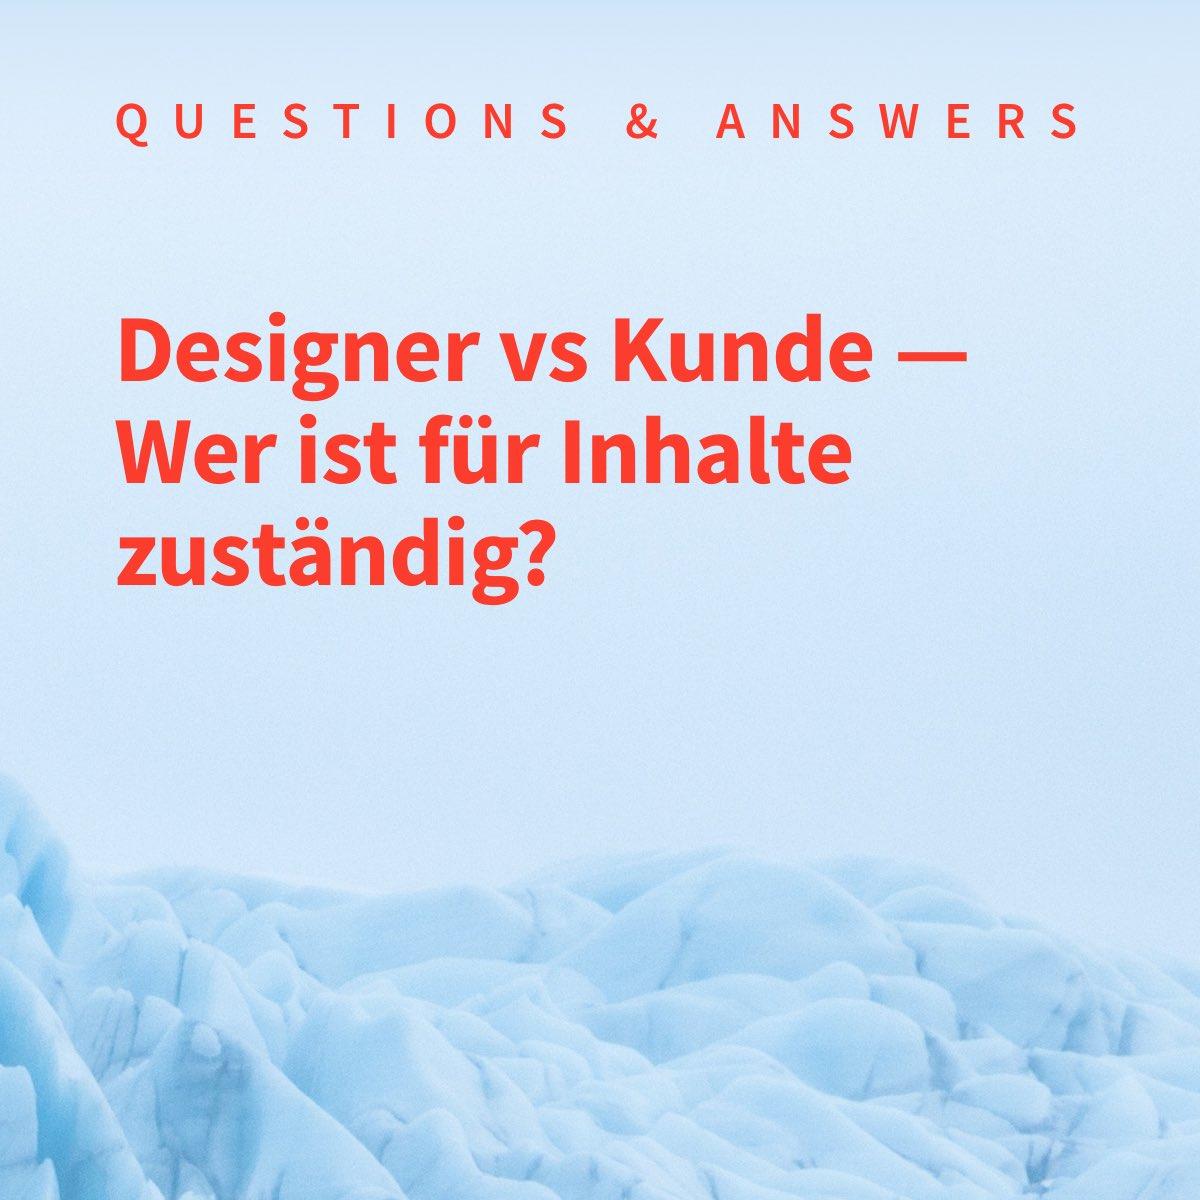 Designer vs Kunde: Wer ist für Website Texte und Inhalt zuständig?